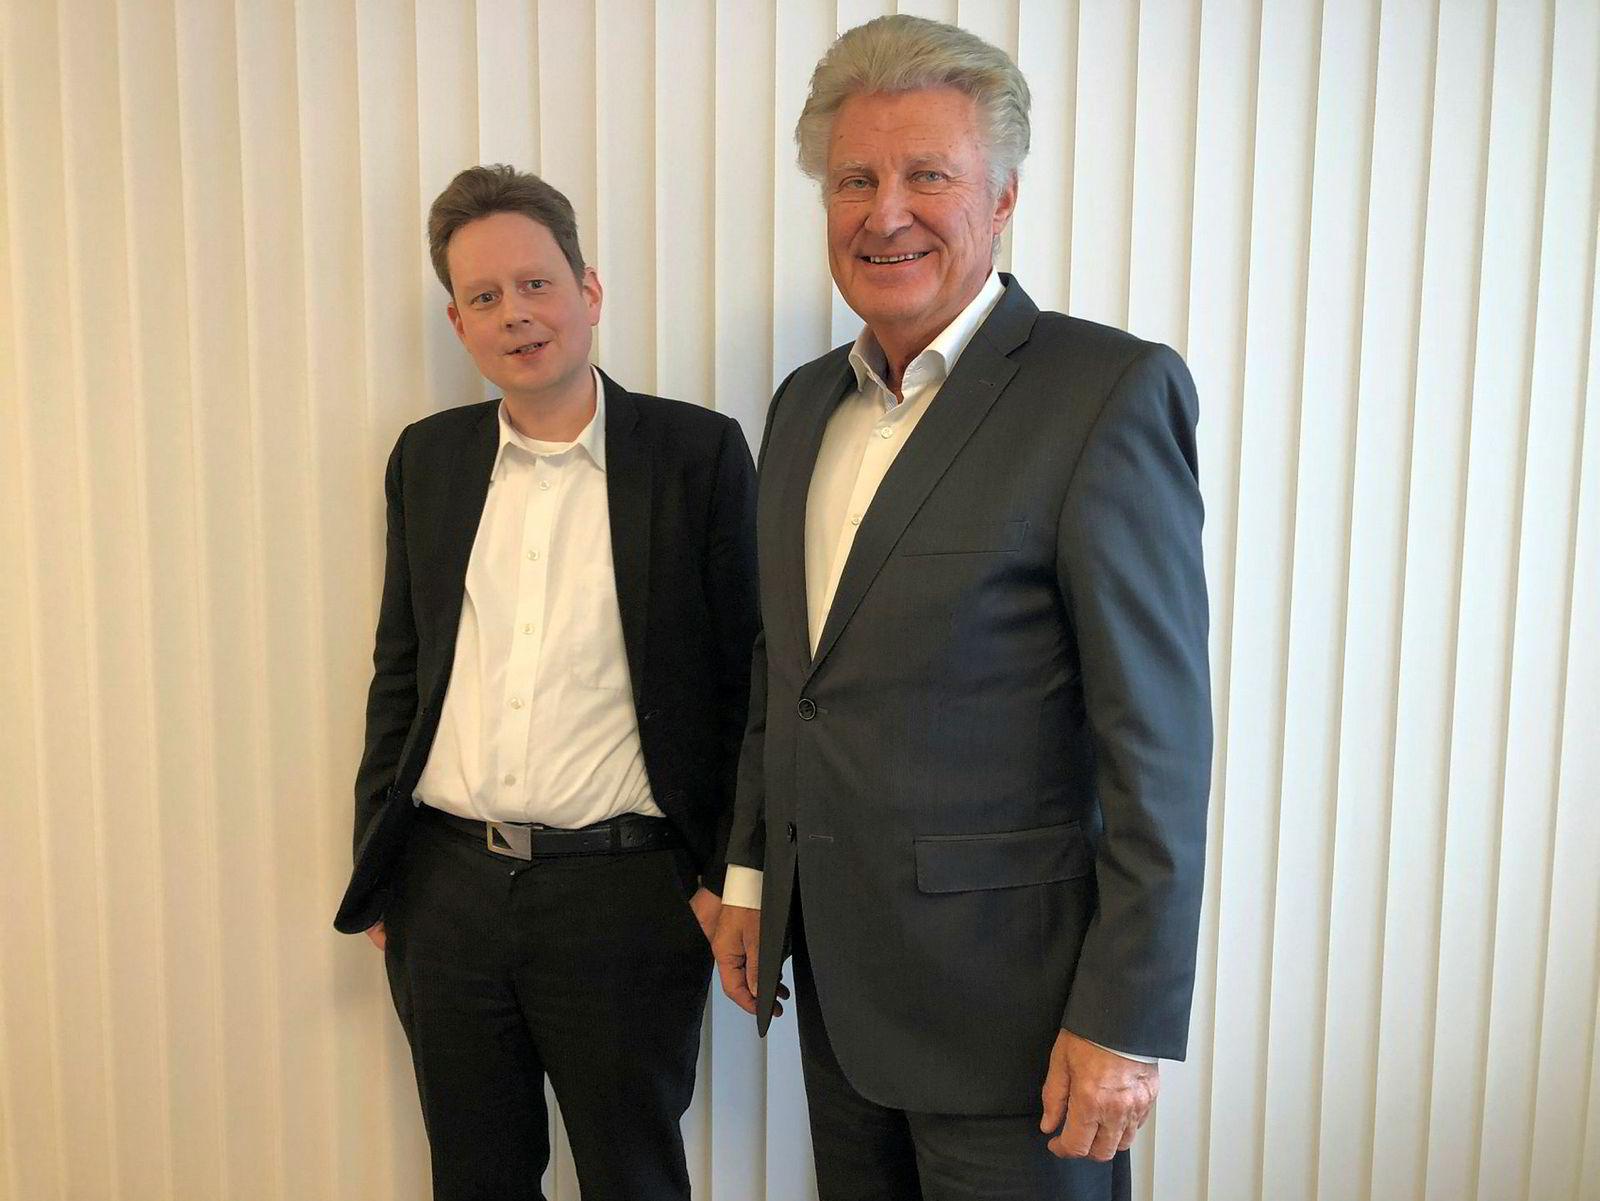 Audun Sommerli Time (til venstre) og Henning Hverven mener de sitter på grensesprengende klimateknologi. De vil lage biokull av hurtigvoksende elefantgress.